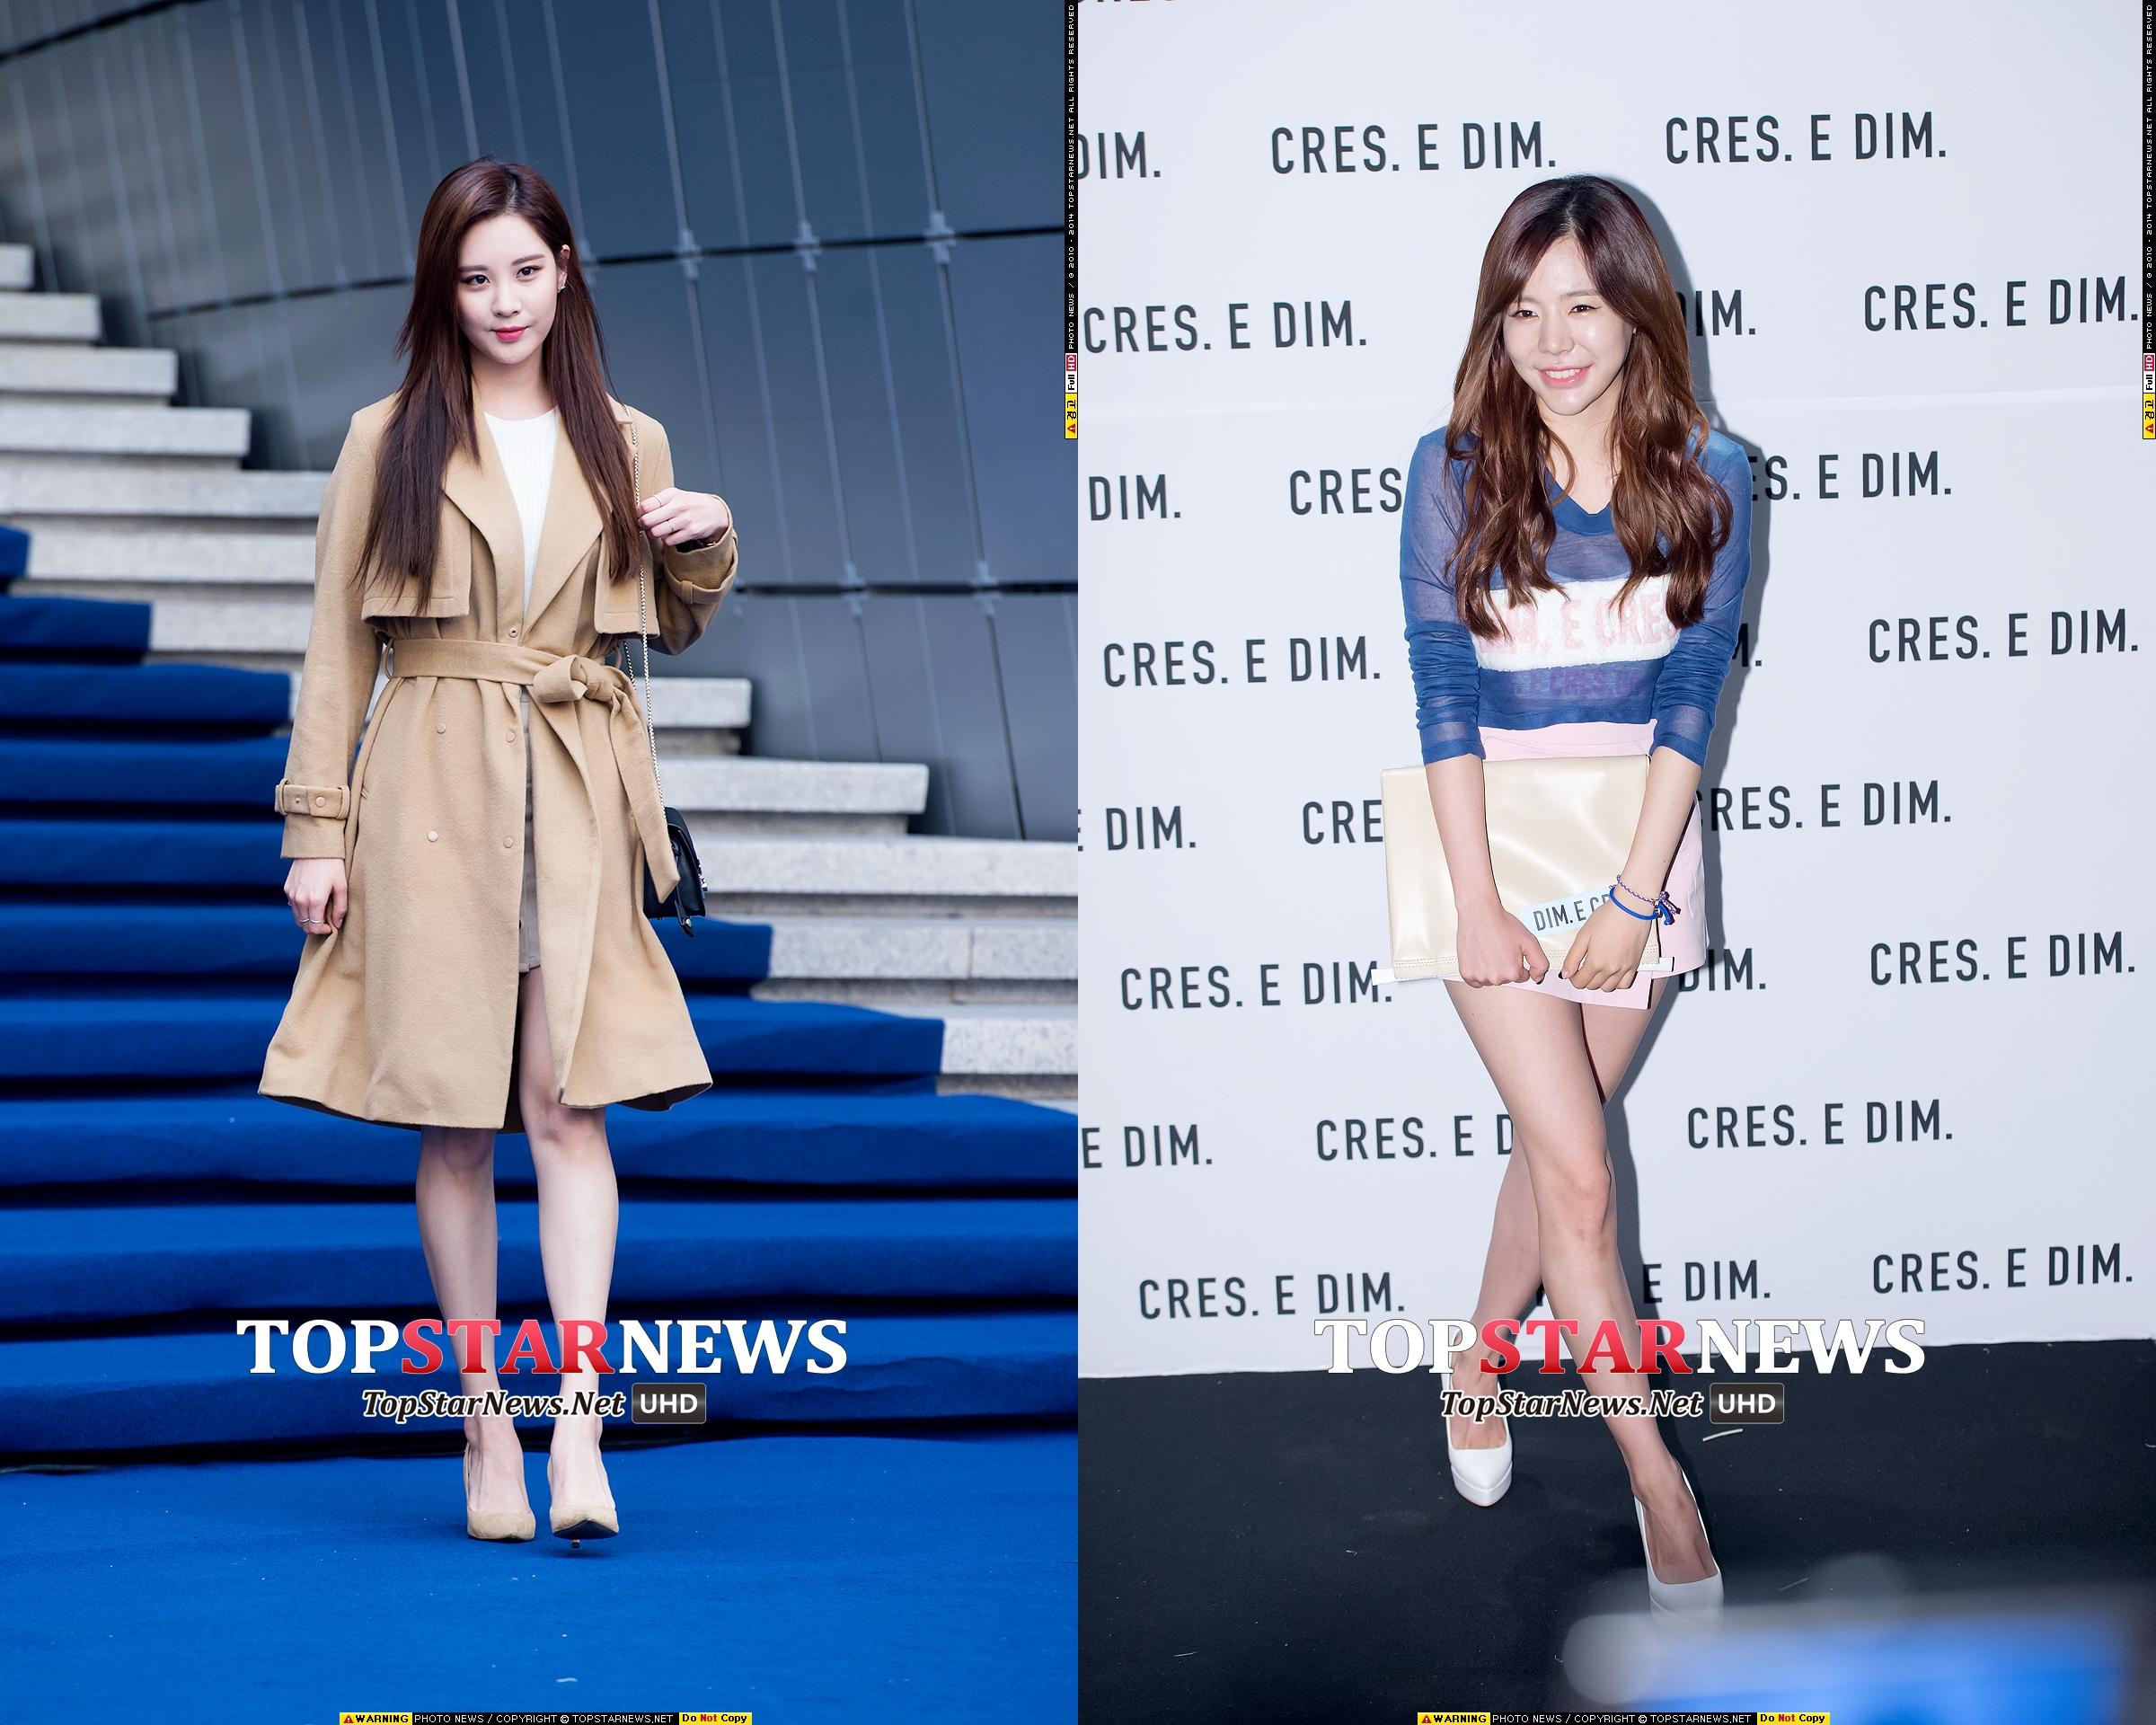 徐玄與Sunny也出席了時裝週,無獨有偶,兩人都在造型的選擇上以淡色、粉嫩的感覺為主題。